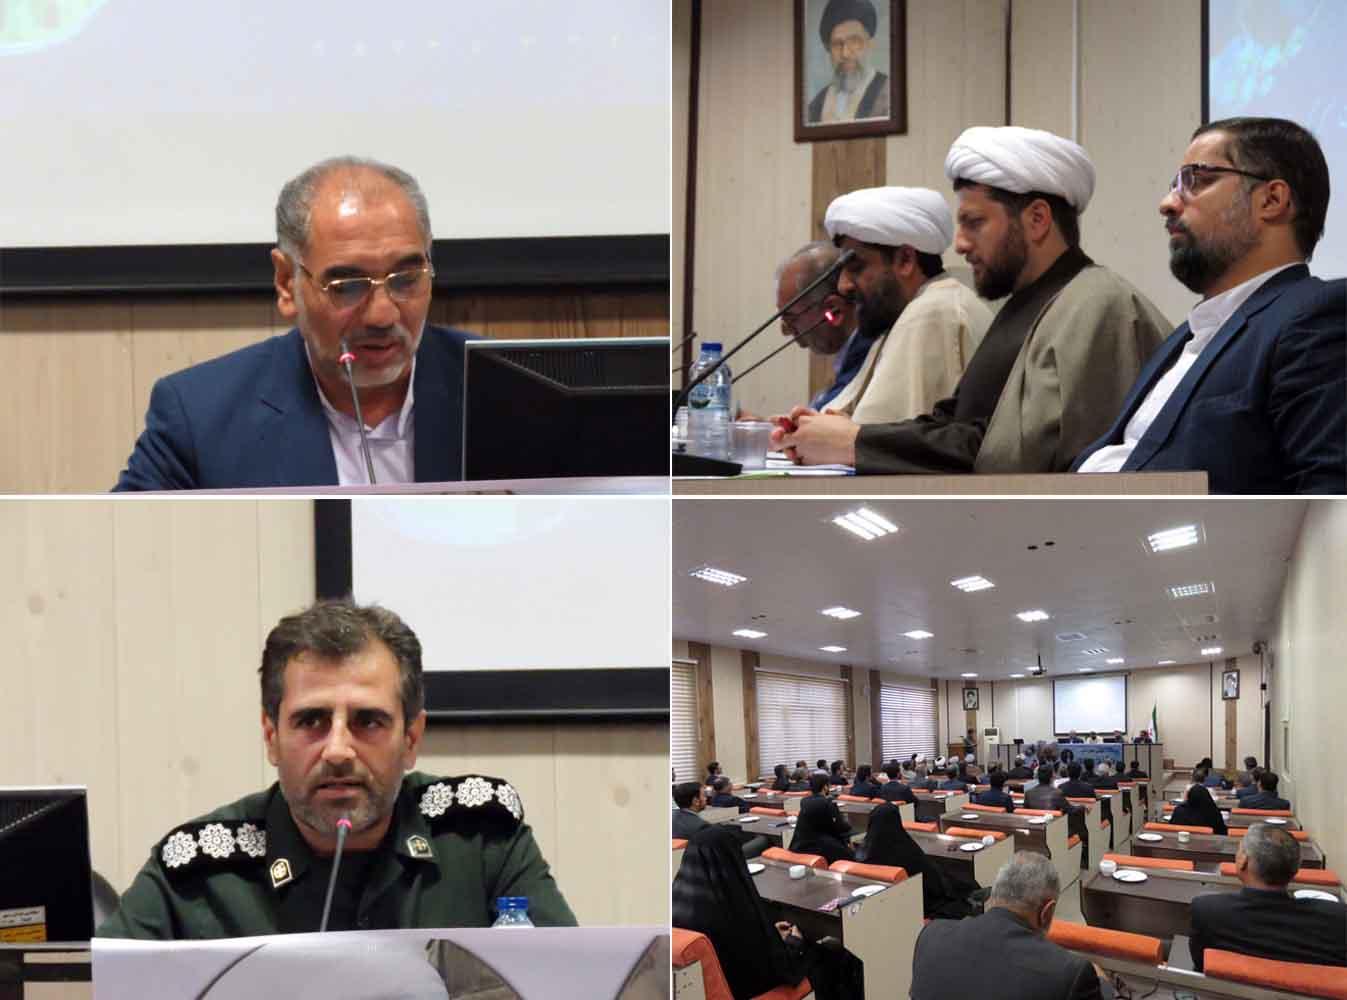 نماز جمعه مانور قدرت انقلاب اسلامی است/ میز خدمت مسئولان به میان مردم برود/ پروژههای نیمهتمام سرخس هرچه سریعتر بهرهبرداری شود